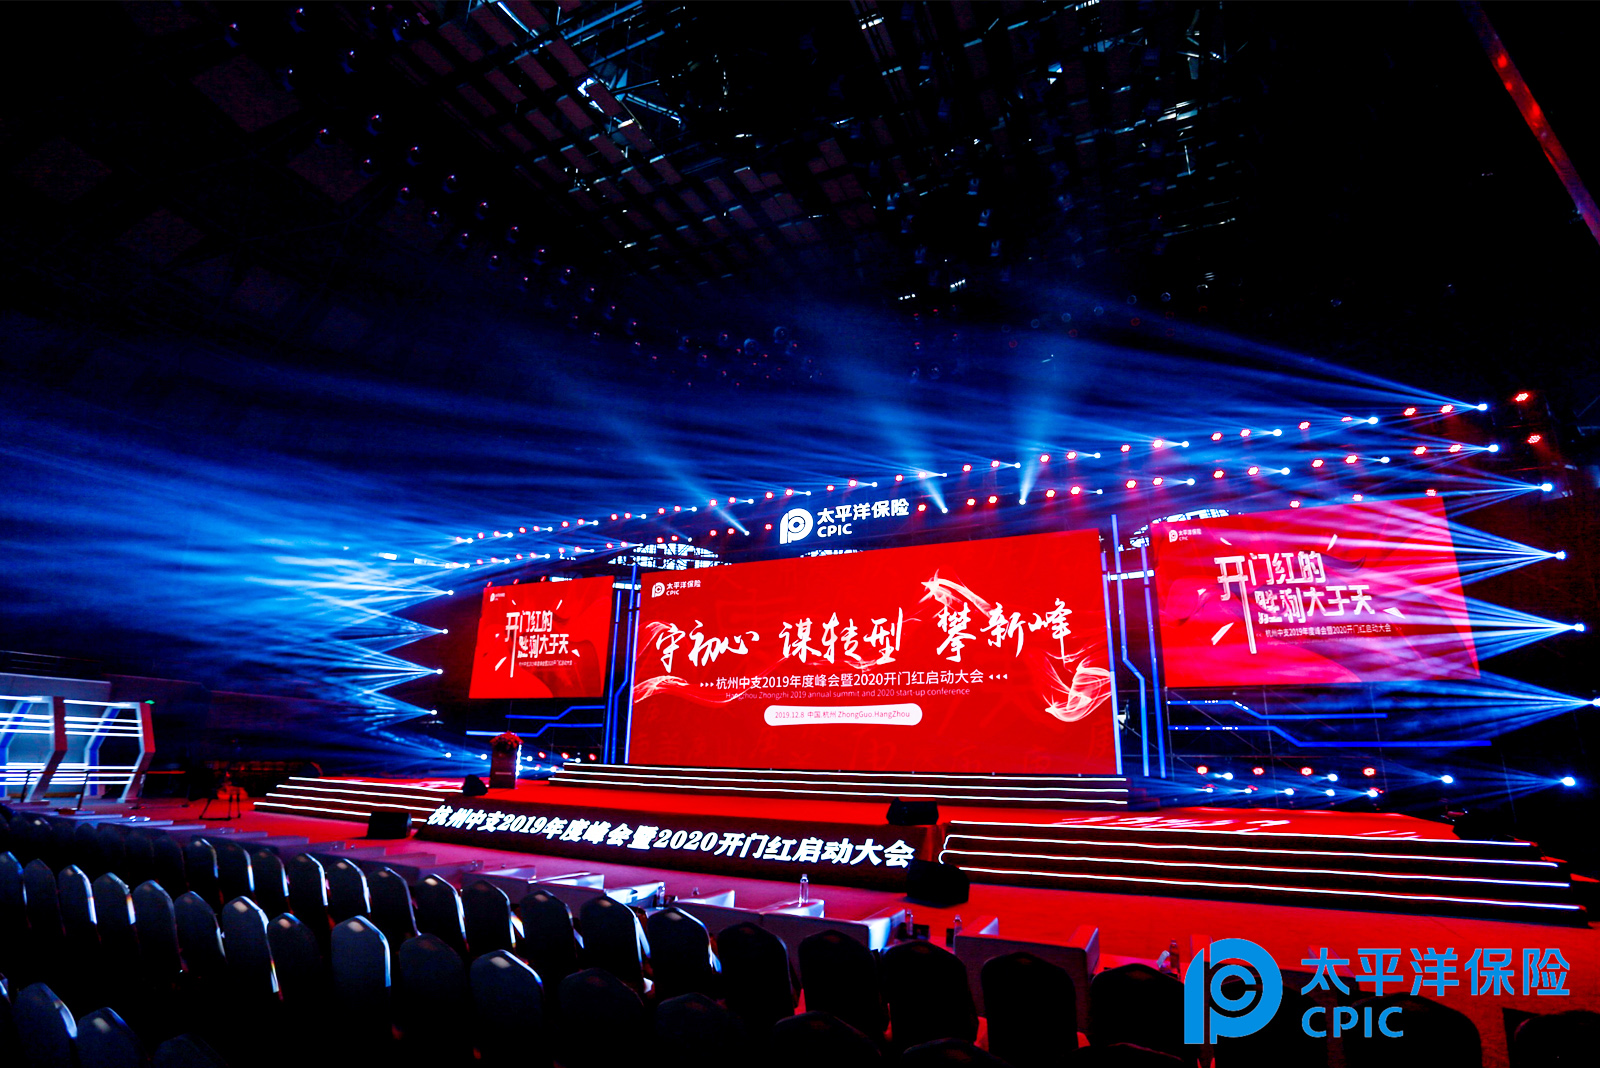 太平洋保险杭州中支2019年度峰会暨2020开门红启动大会-6